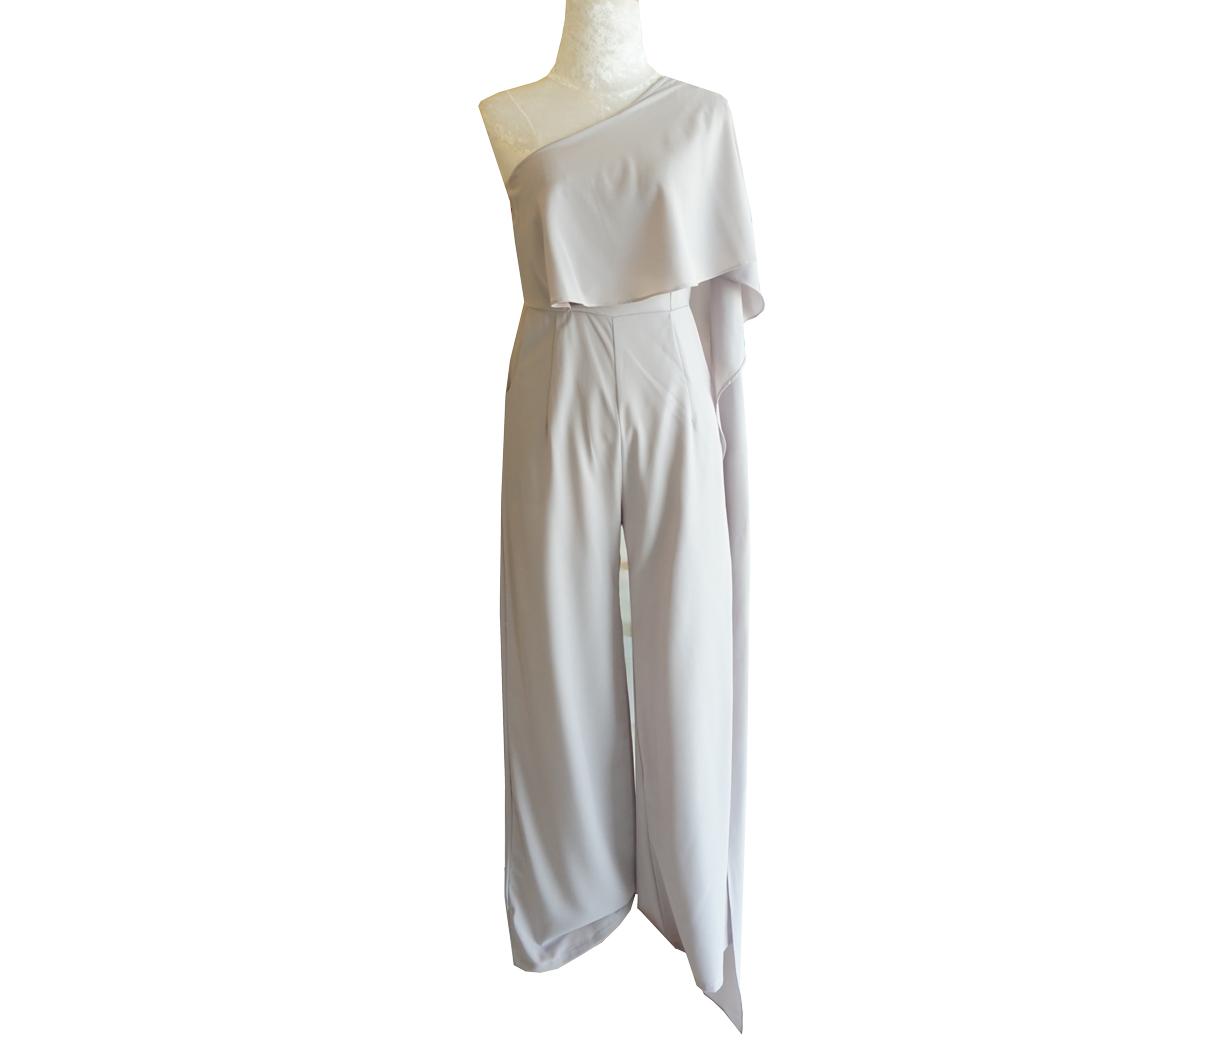 ชุดจั๊มสูทกางเกงขายาวสีเทา ไหล่เฉียงสไบข้าง : สินค้าพร้อมส่ง S M L